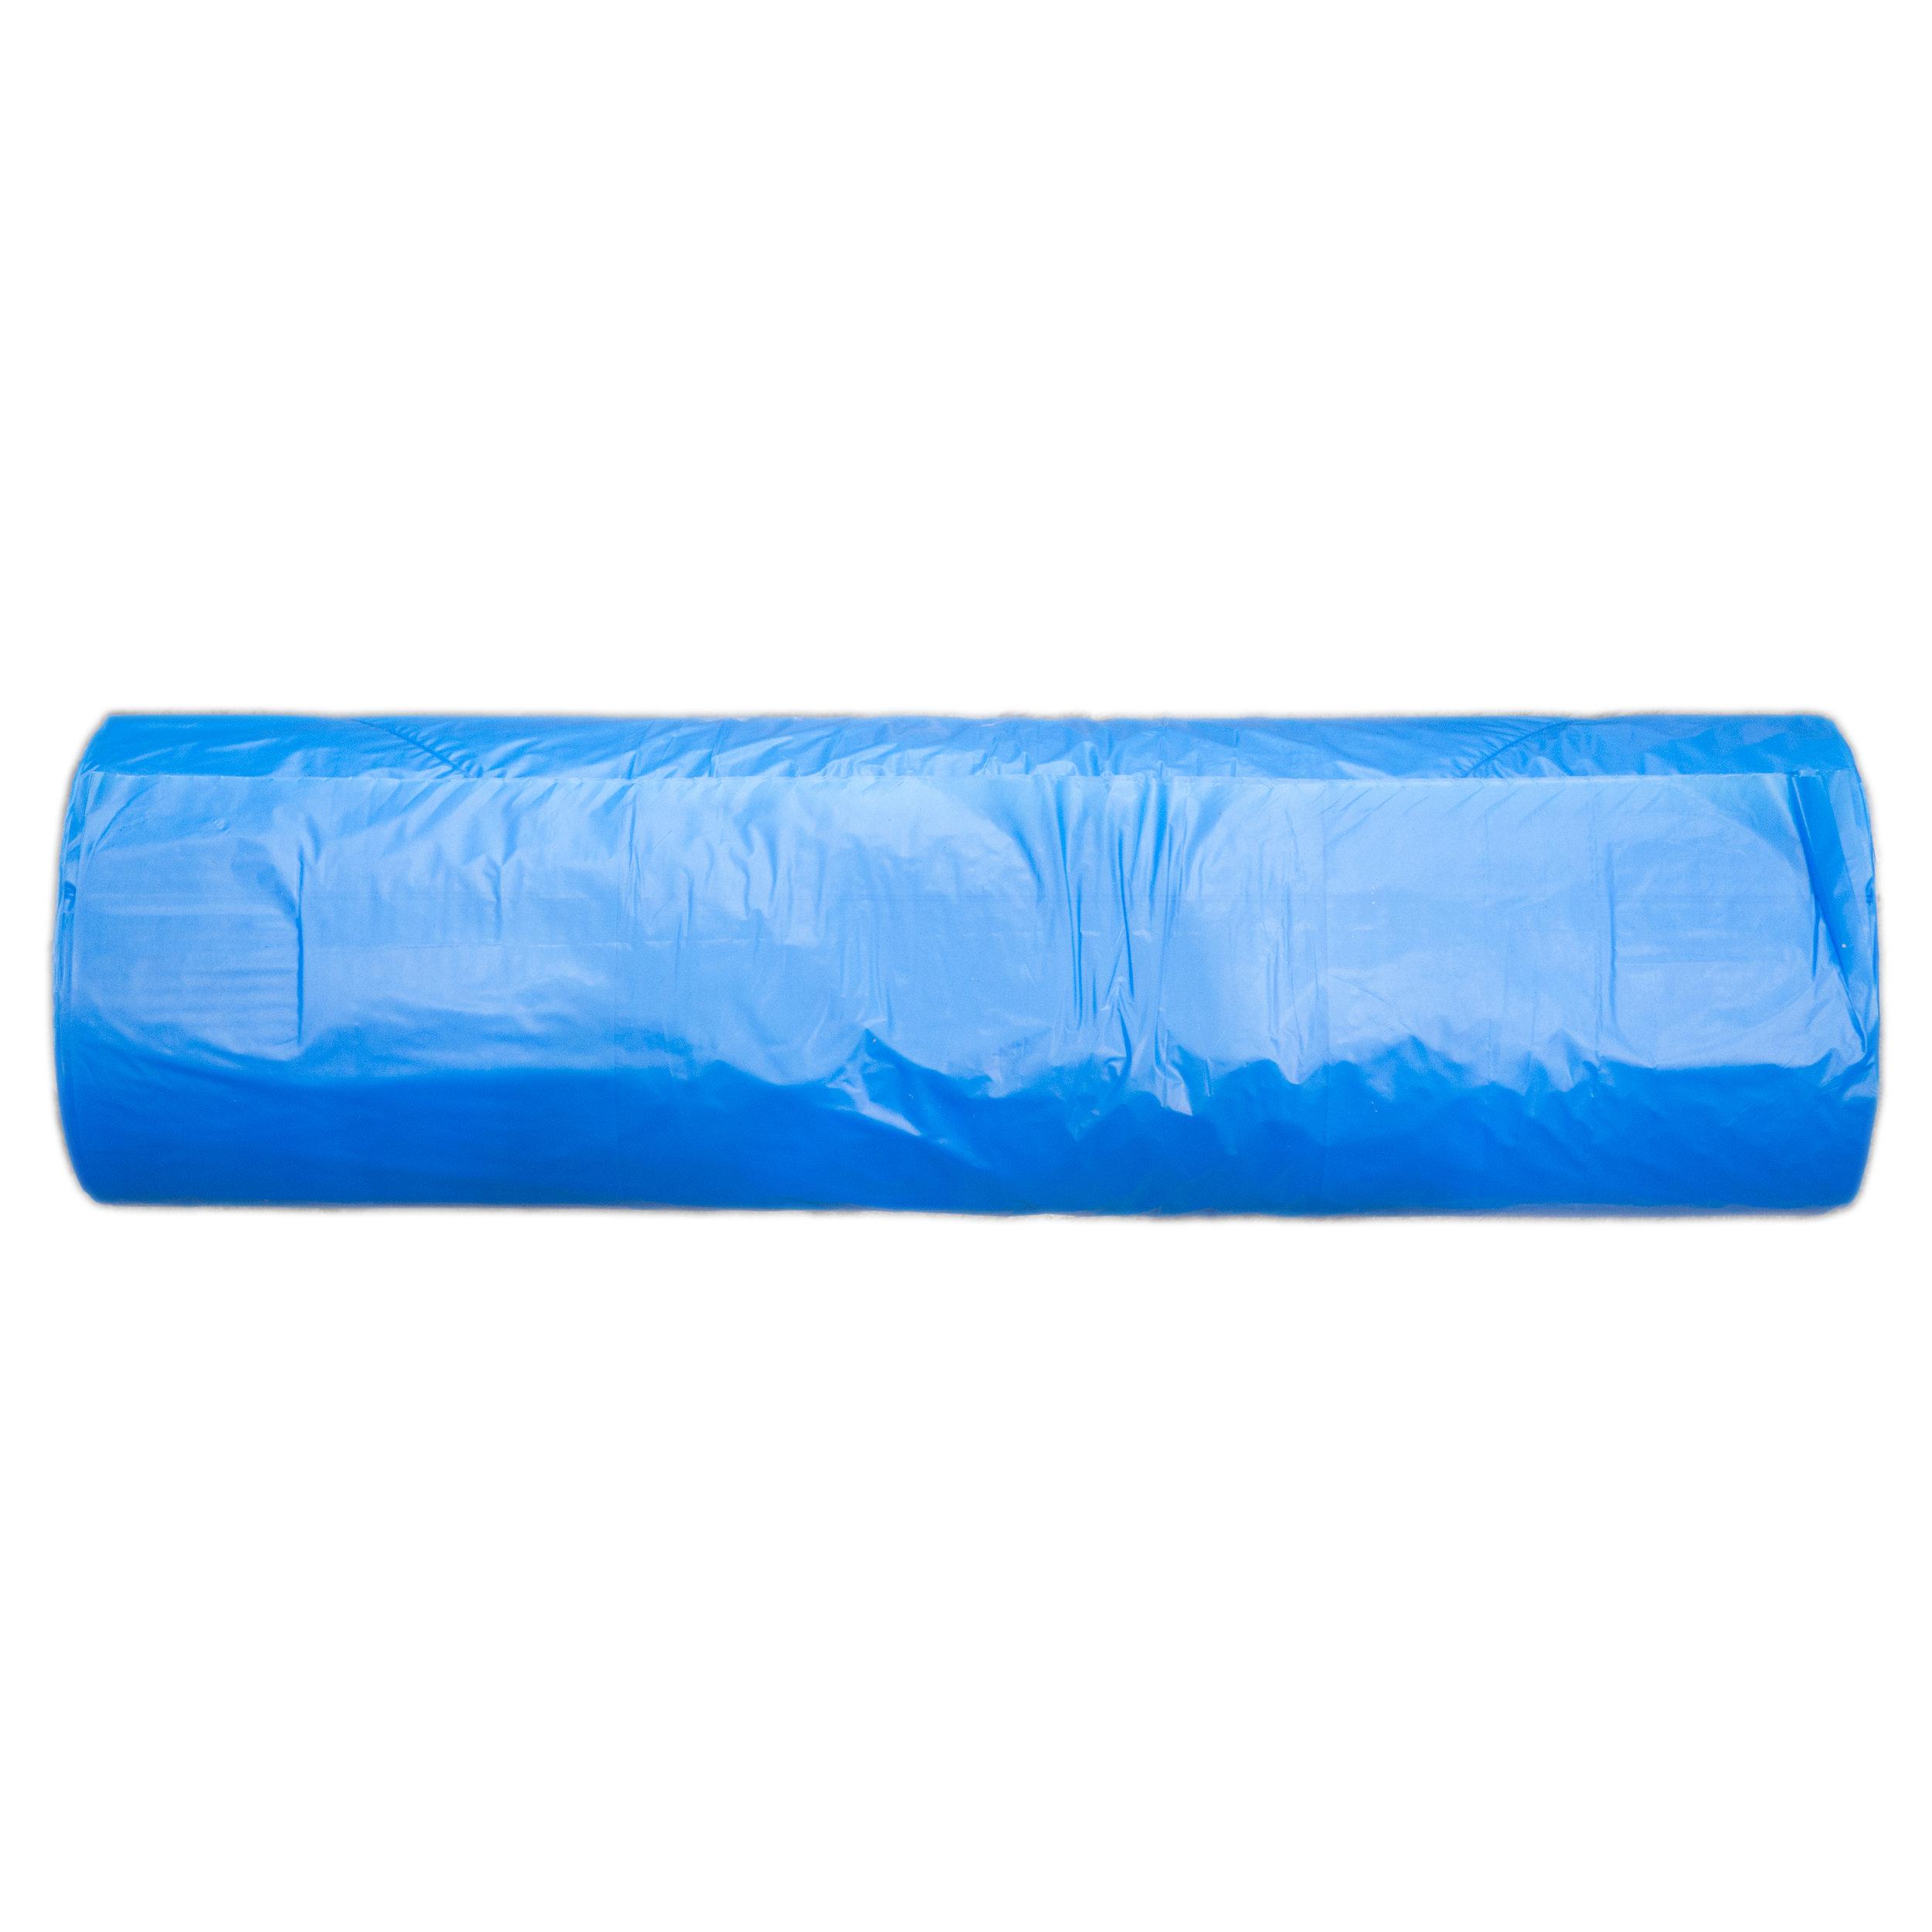 iK-CTLB Carton Liner Blue   640 x 640 x 390mm  500 pc 1 rolls per carton